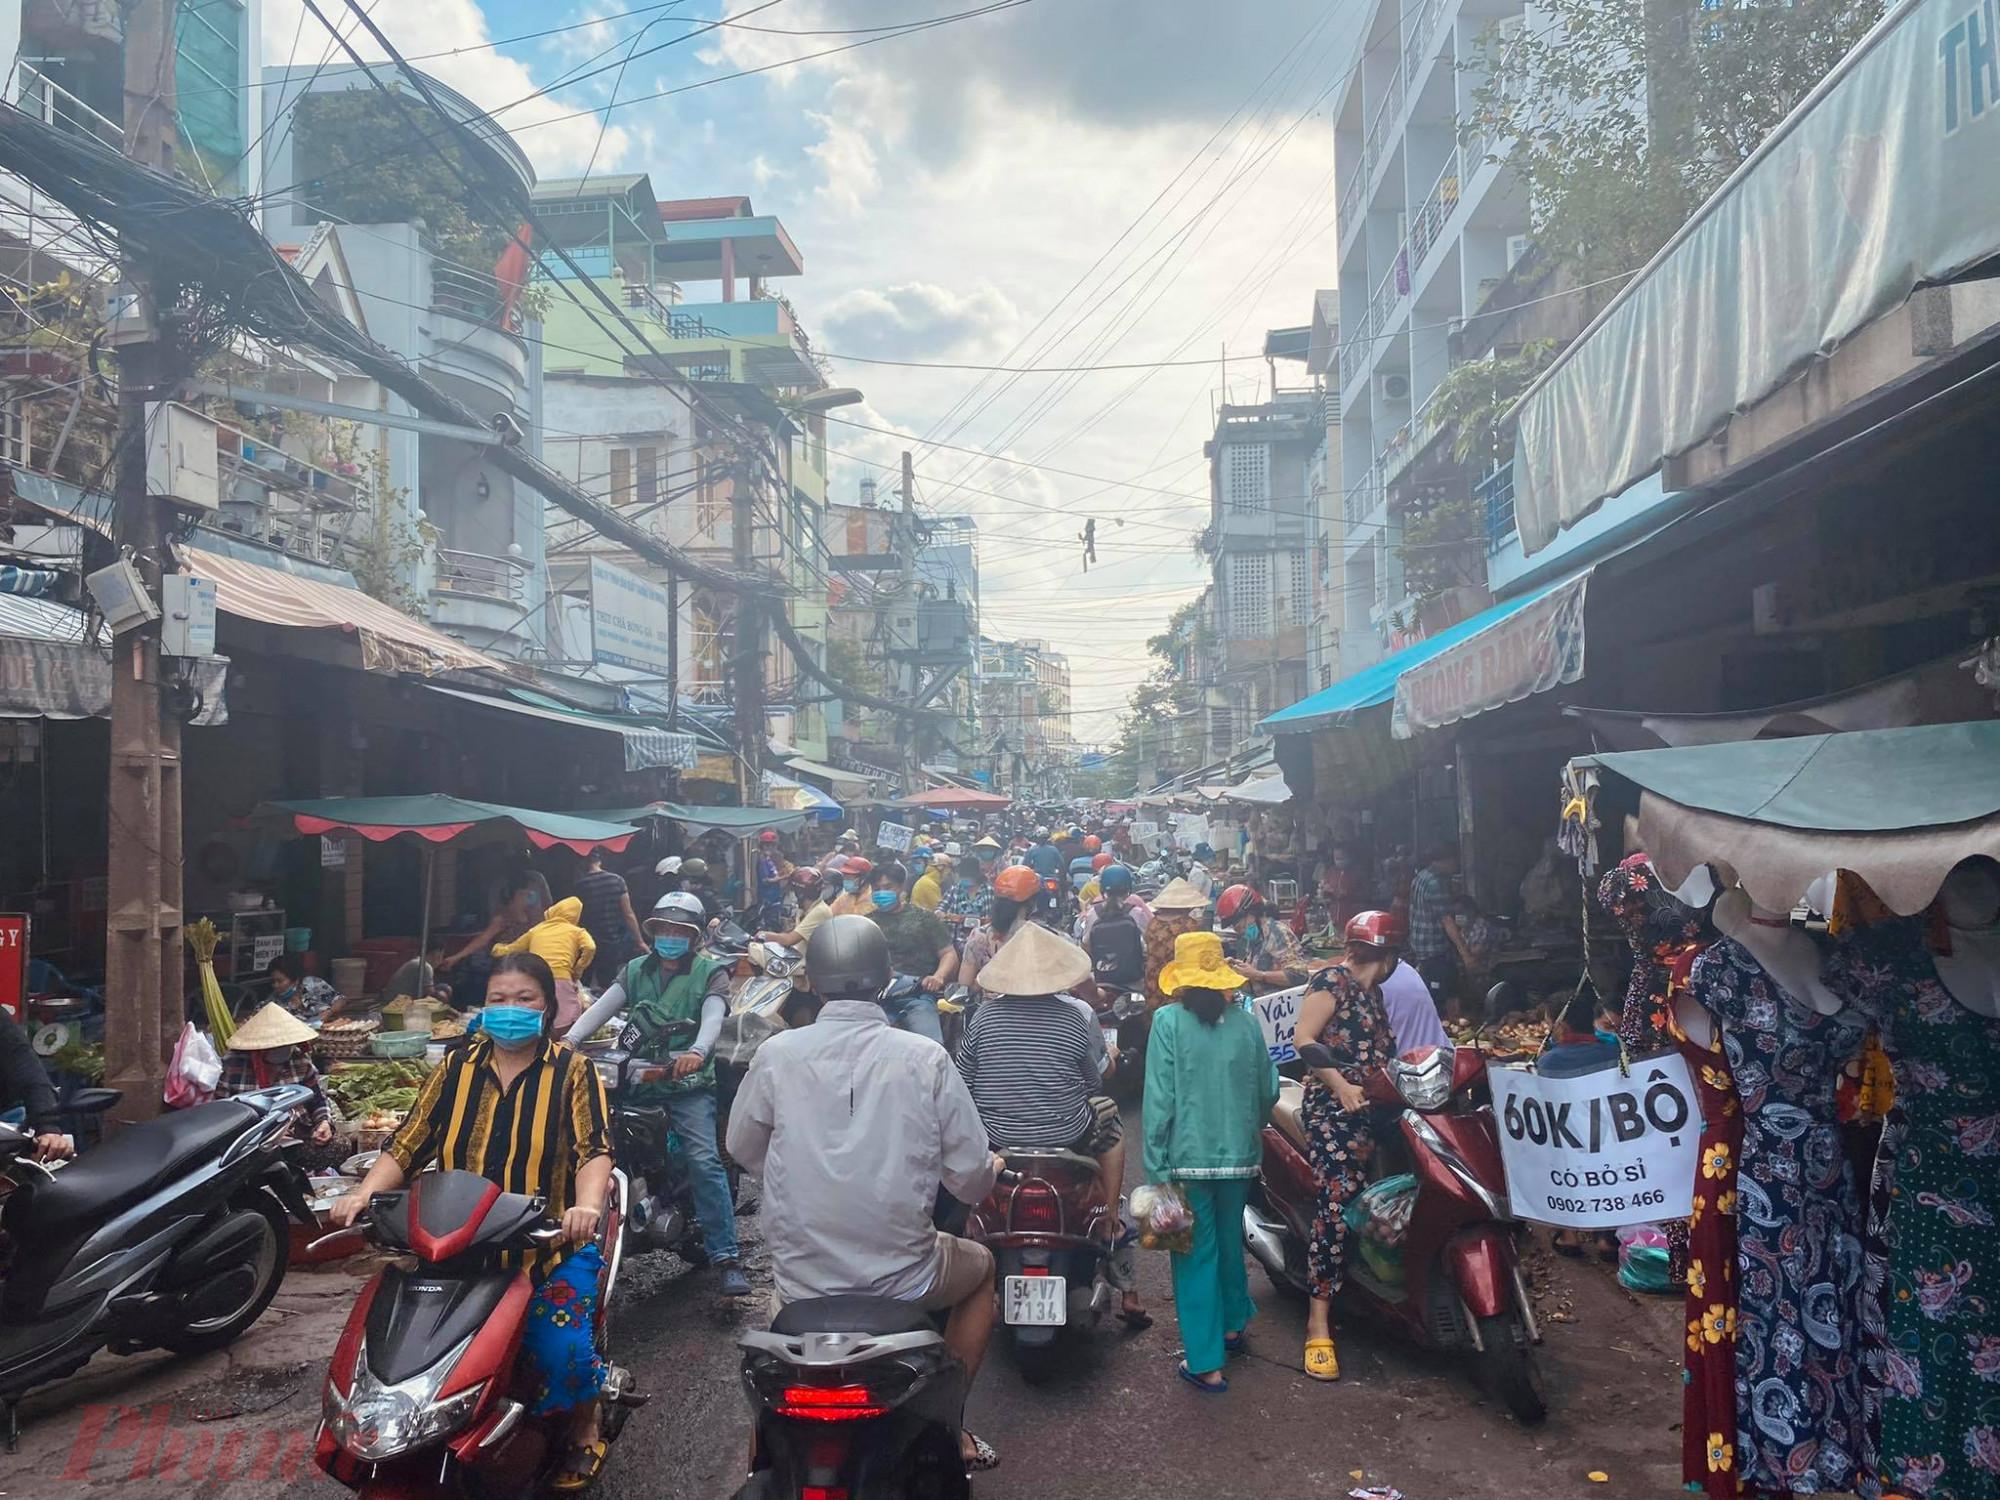 Tết Đoan Ngọ rơi vào thứ hai (14/6) nên nhiều người tranh thủ ngày nghỉ chủ nhật đi chợ sớm. Lượng khách đến chợ Bà Chiểu (Q.Bình Thạnh, TPHCM) đông nghẹt.